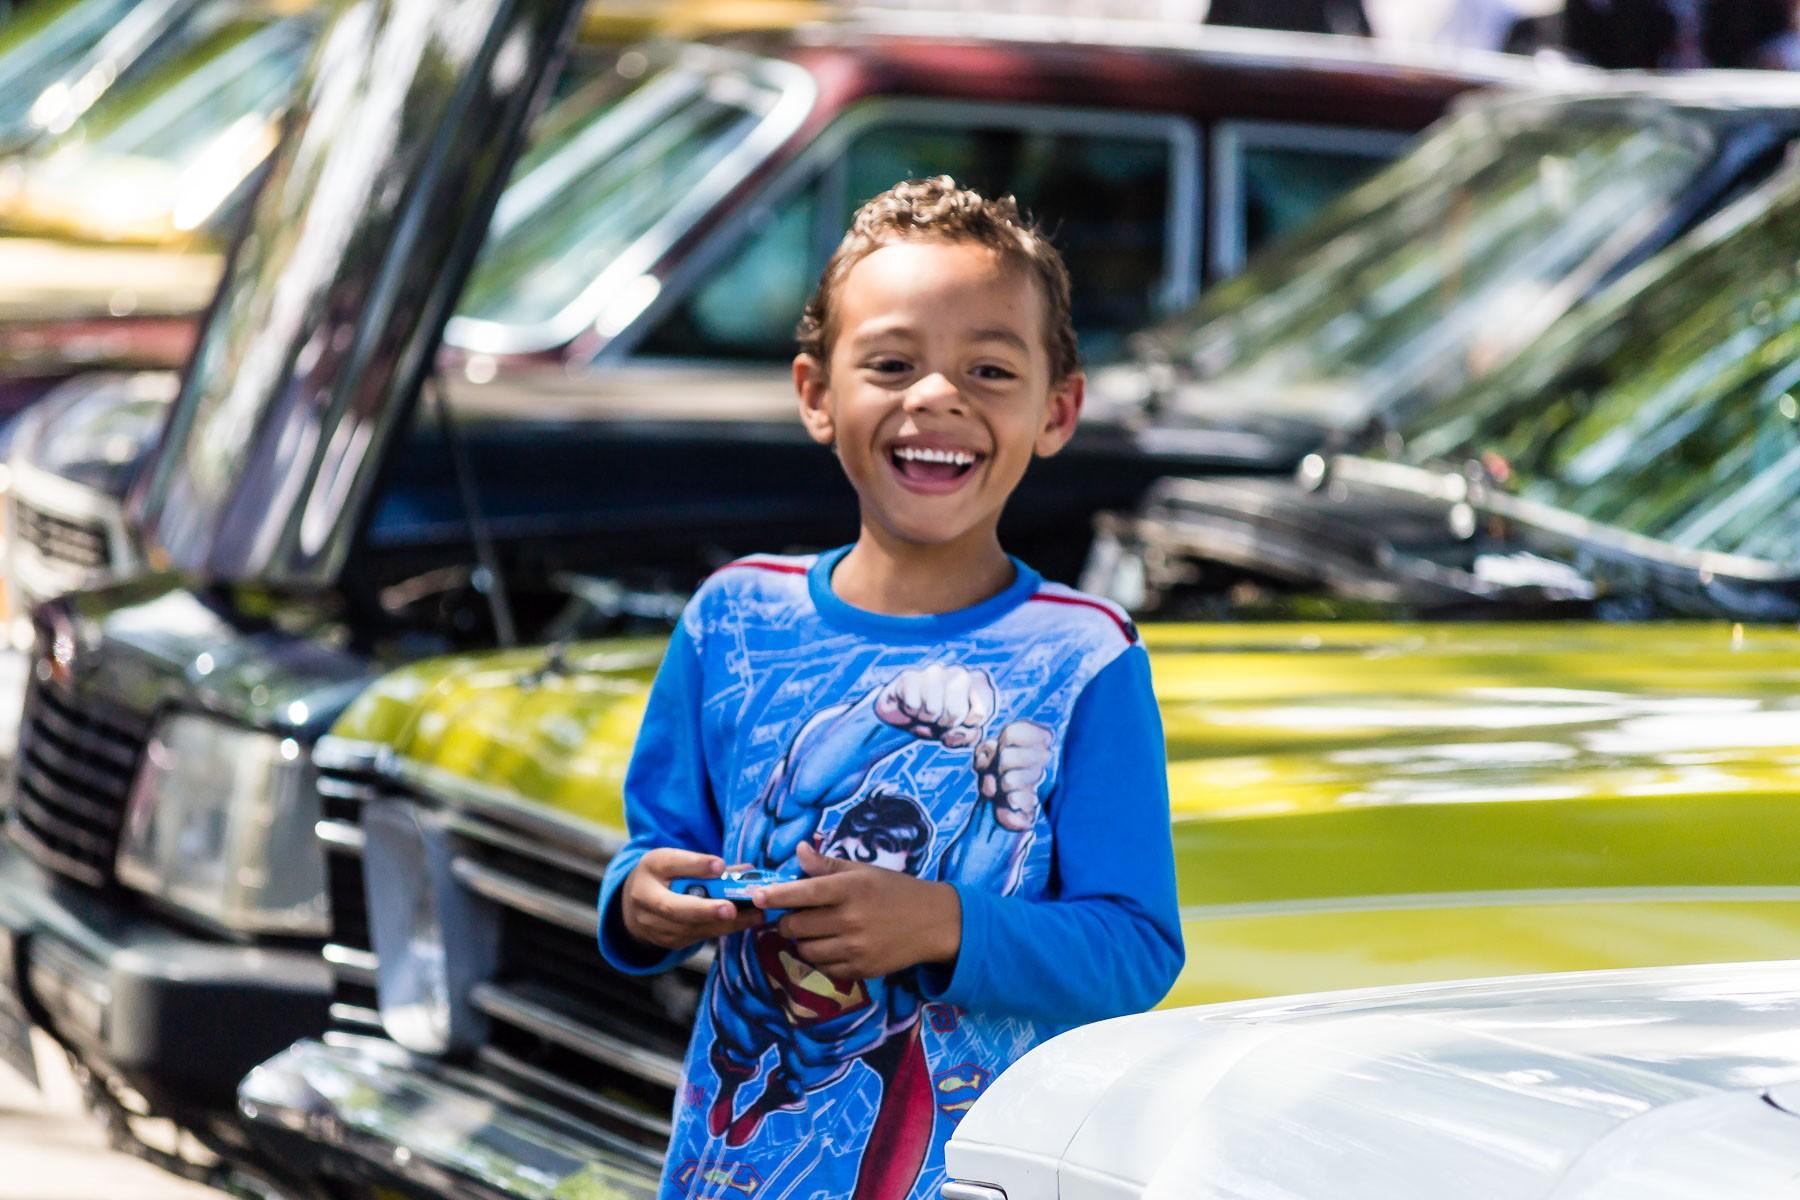 Criançada feliz #1 (Foto: Divulgação/Andre Lemes)